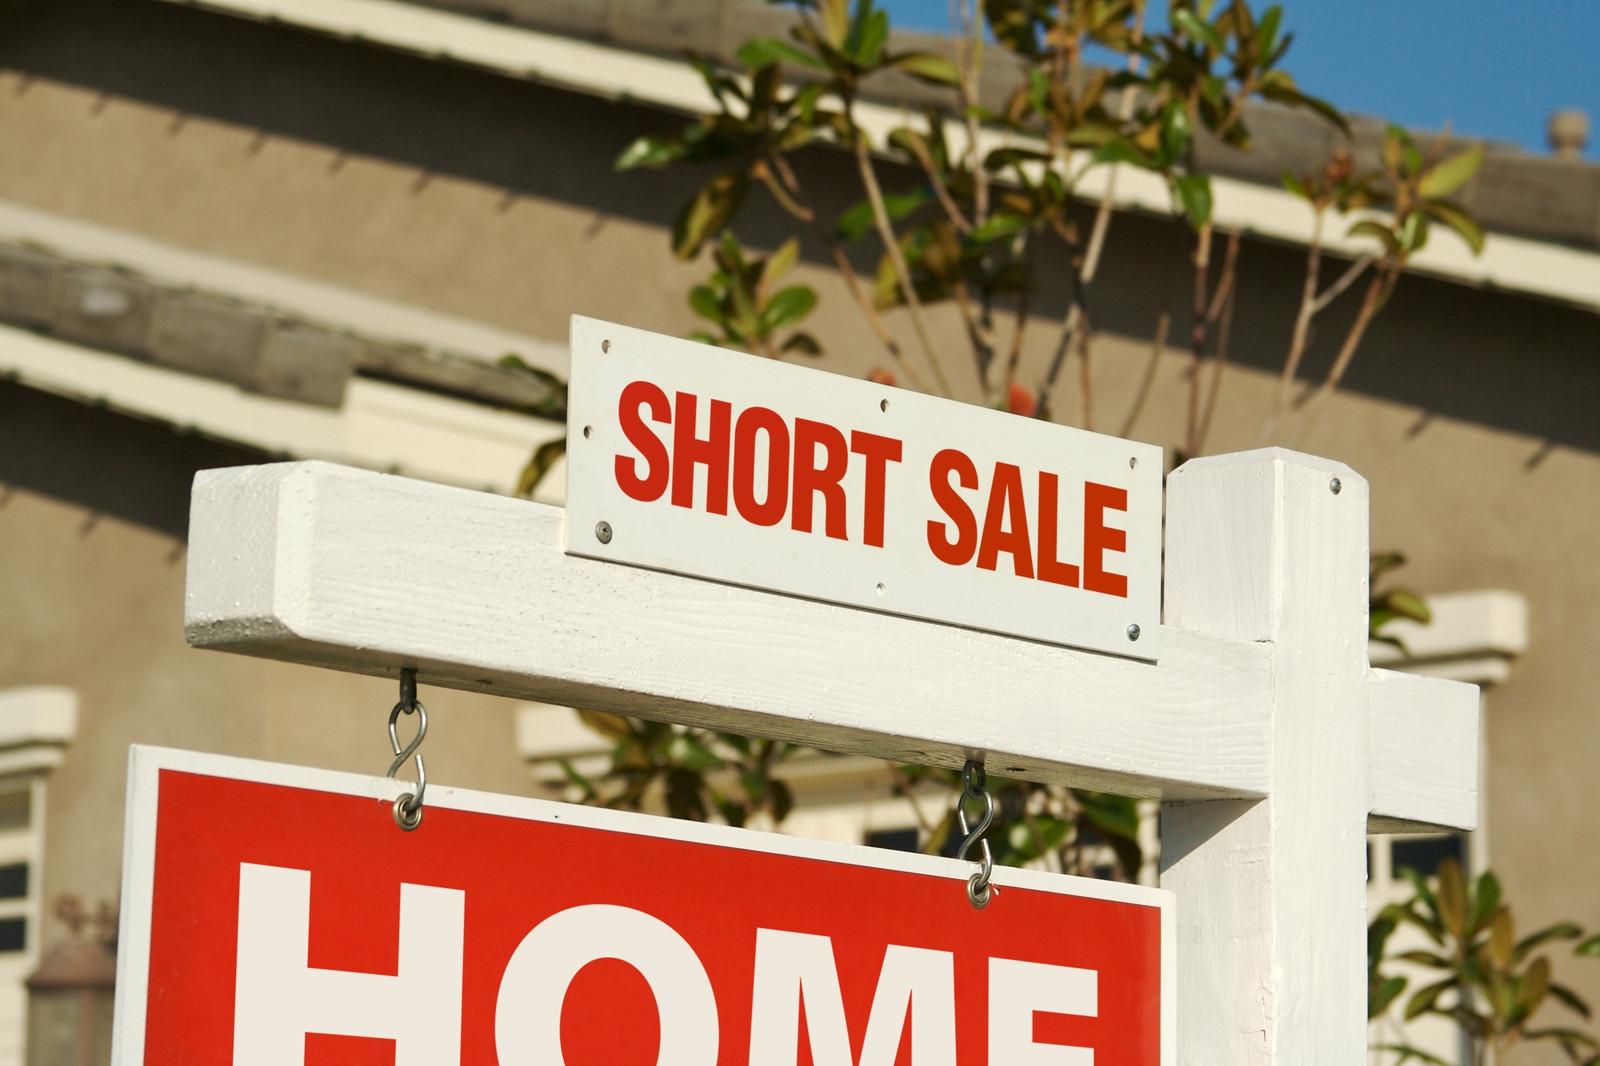 Warner Robins Short Sale Home